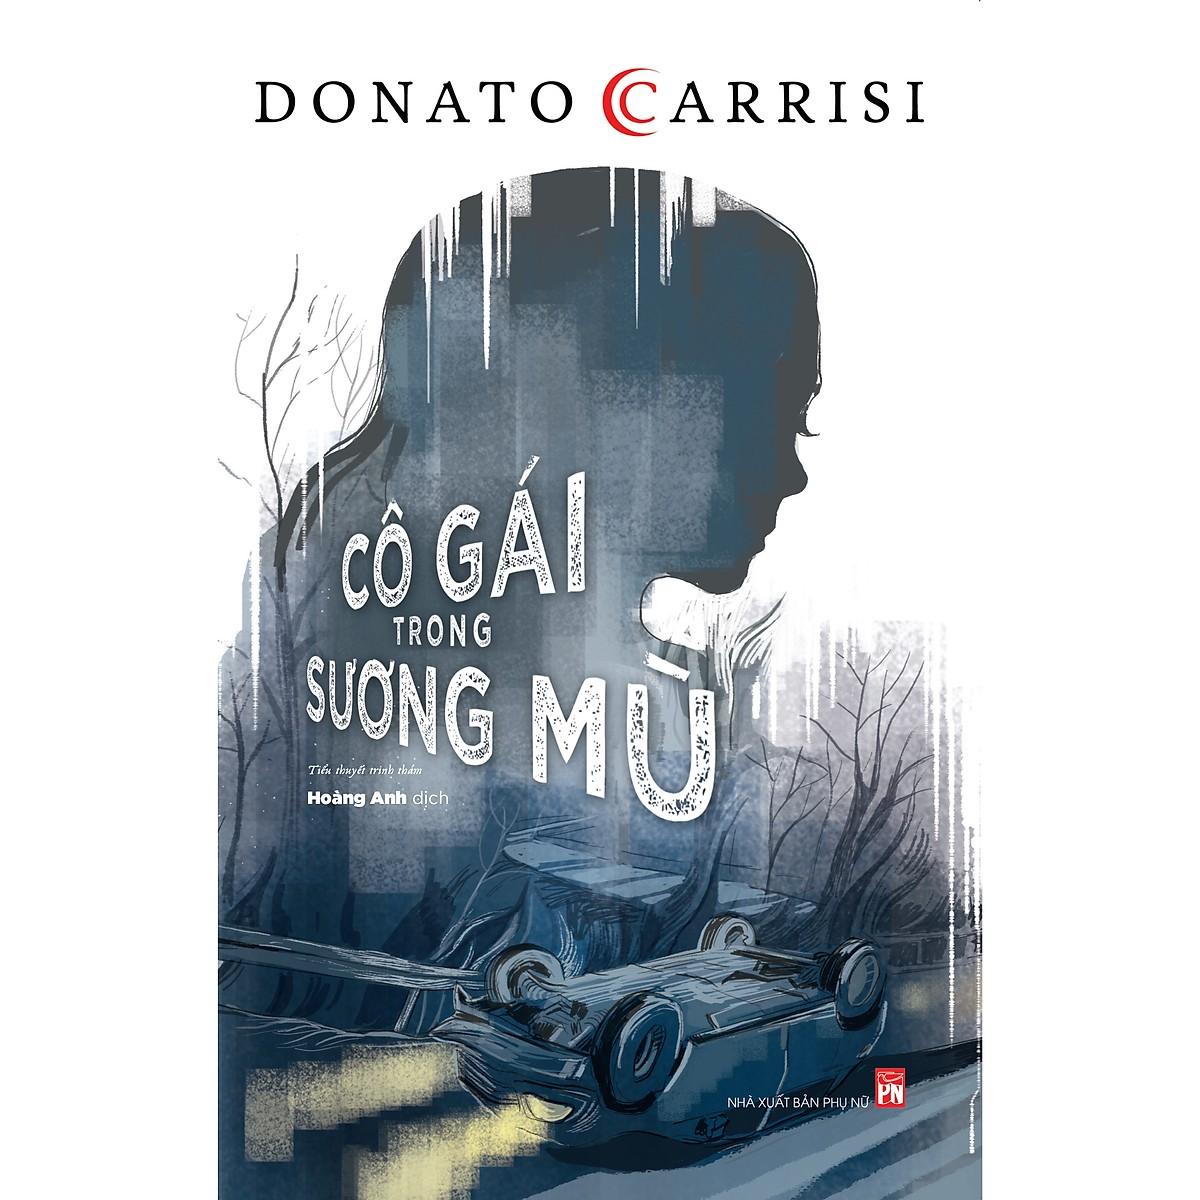 Bộ 2 cuốn tiểu thuyết trinh thám nên đọc của Donato Carrisi: Người Ru Ngủ - Cô Gái Trong Sương Mù